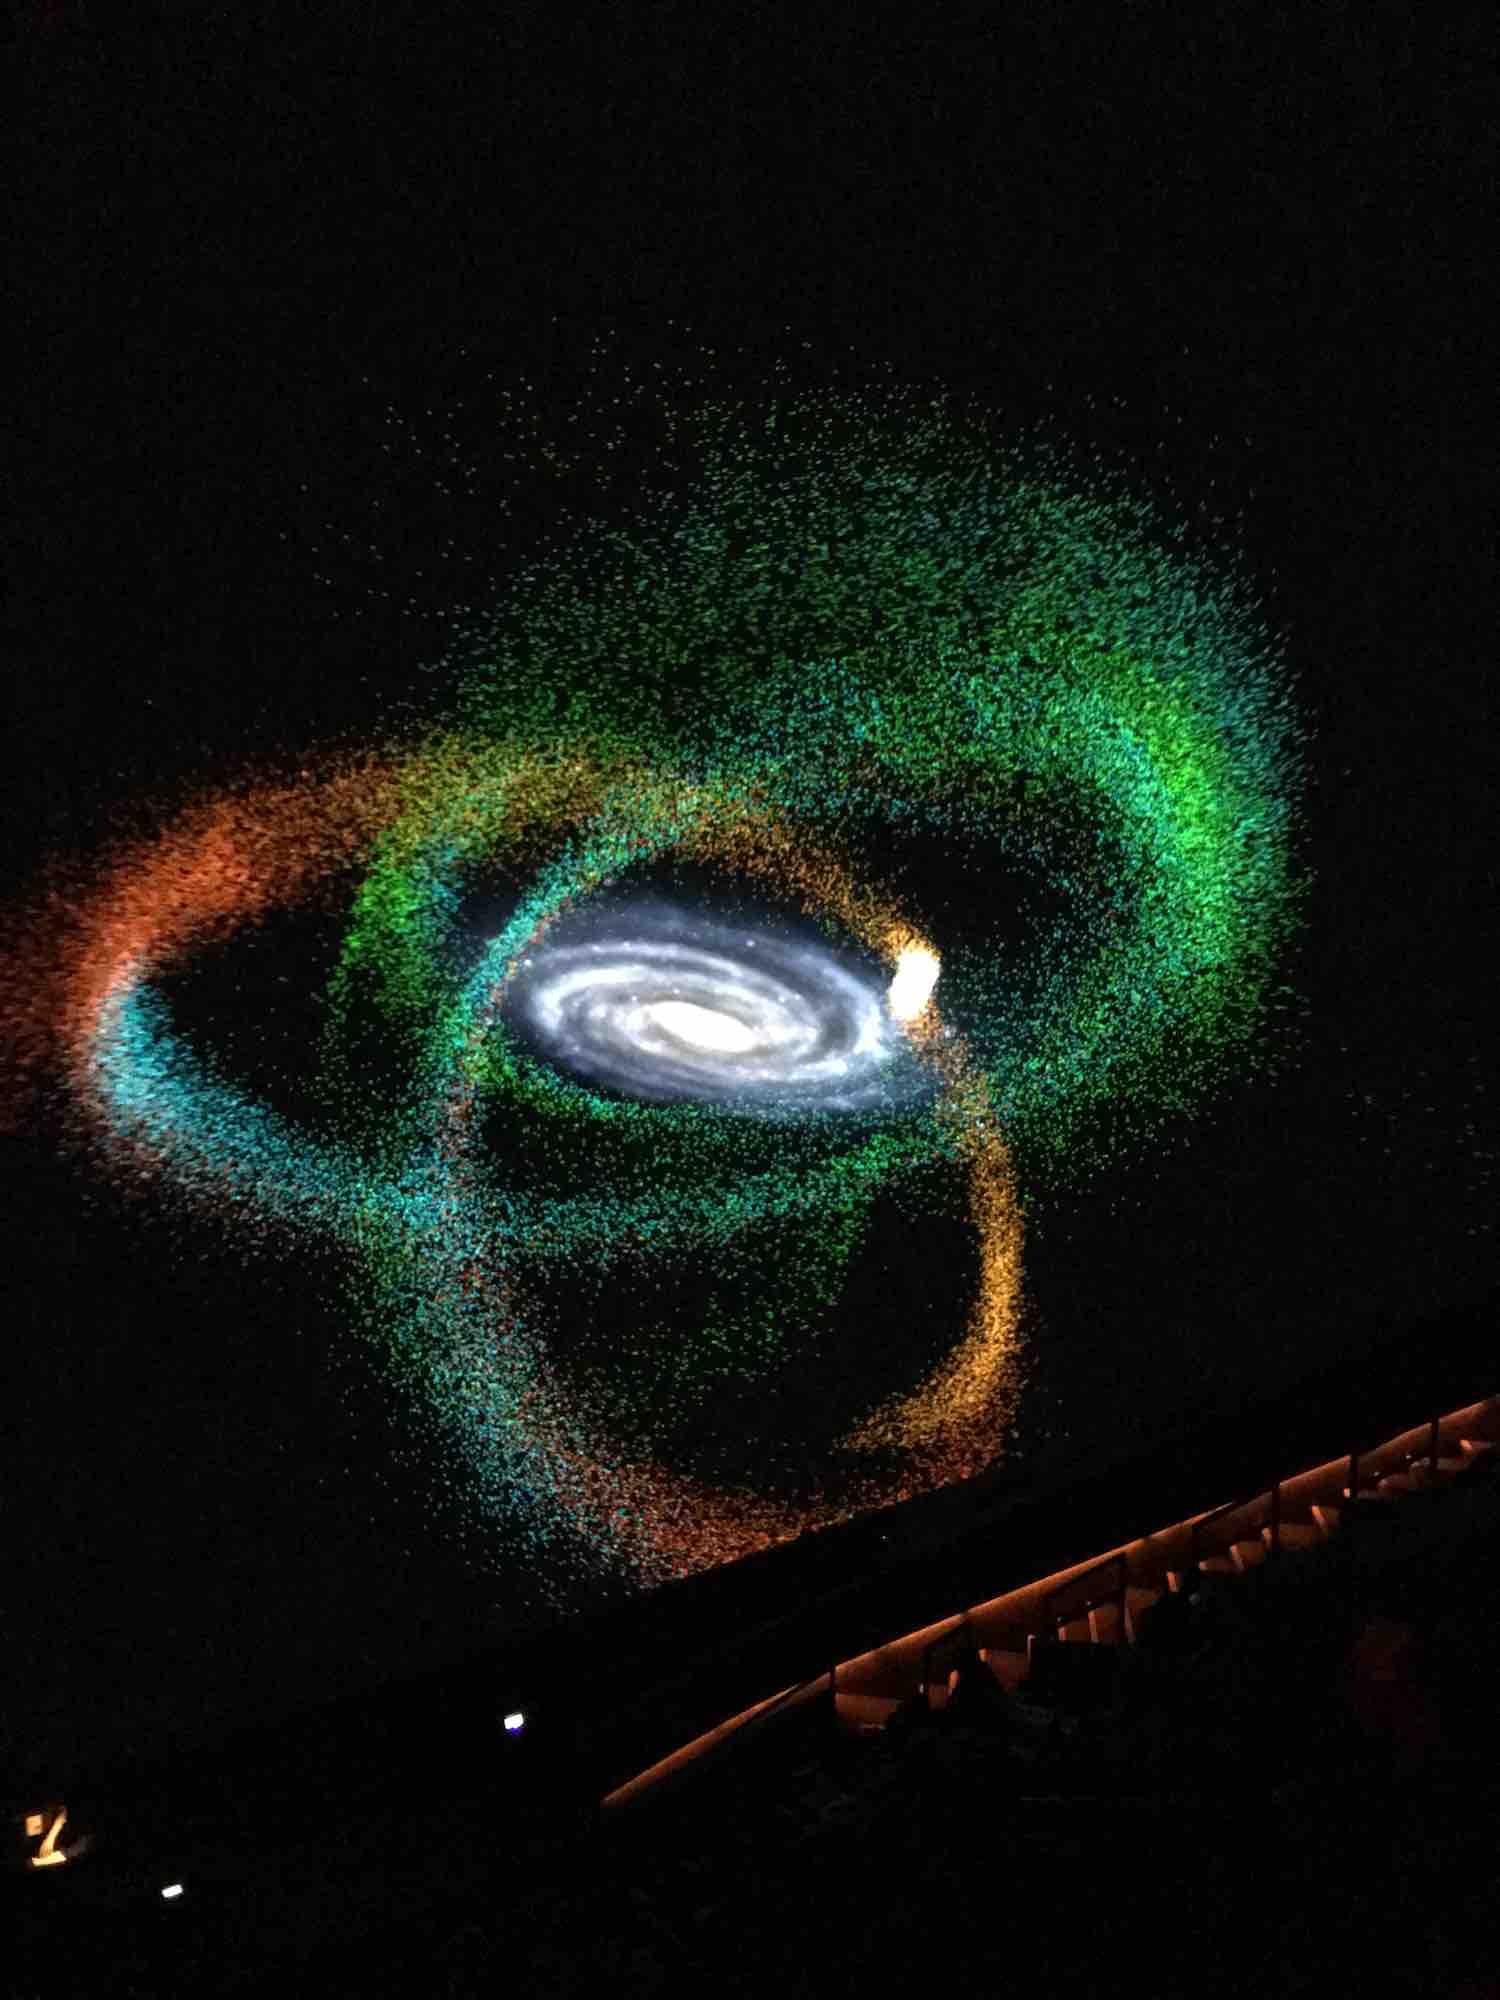 Fulldome IMAX planetarium